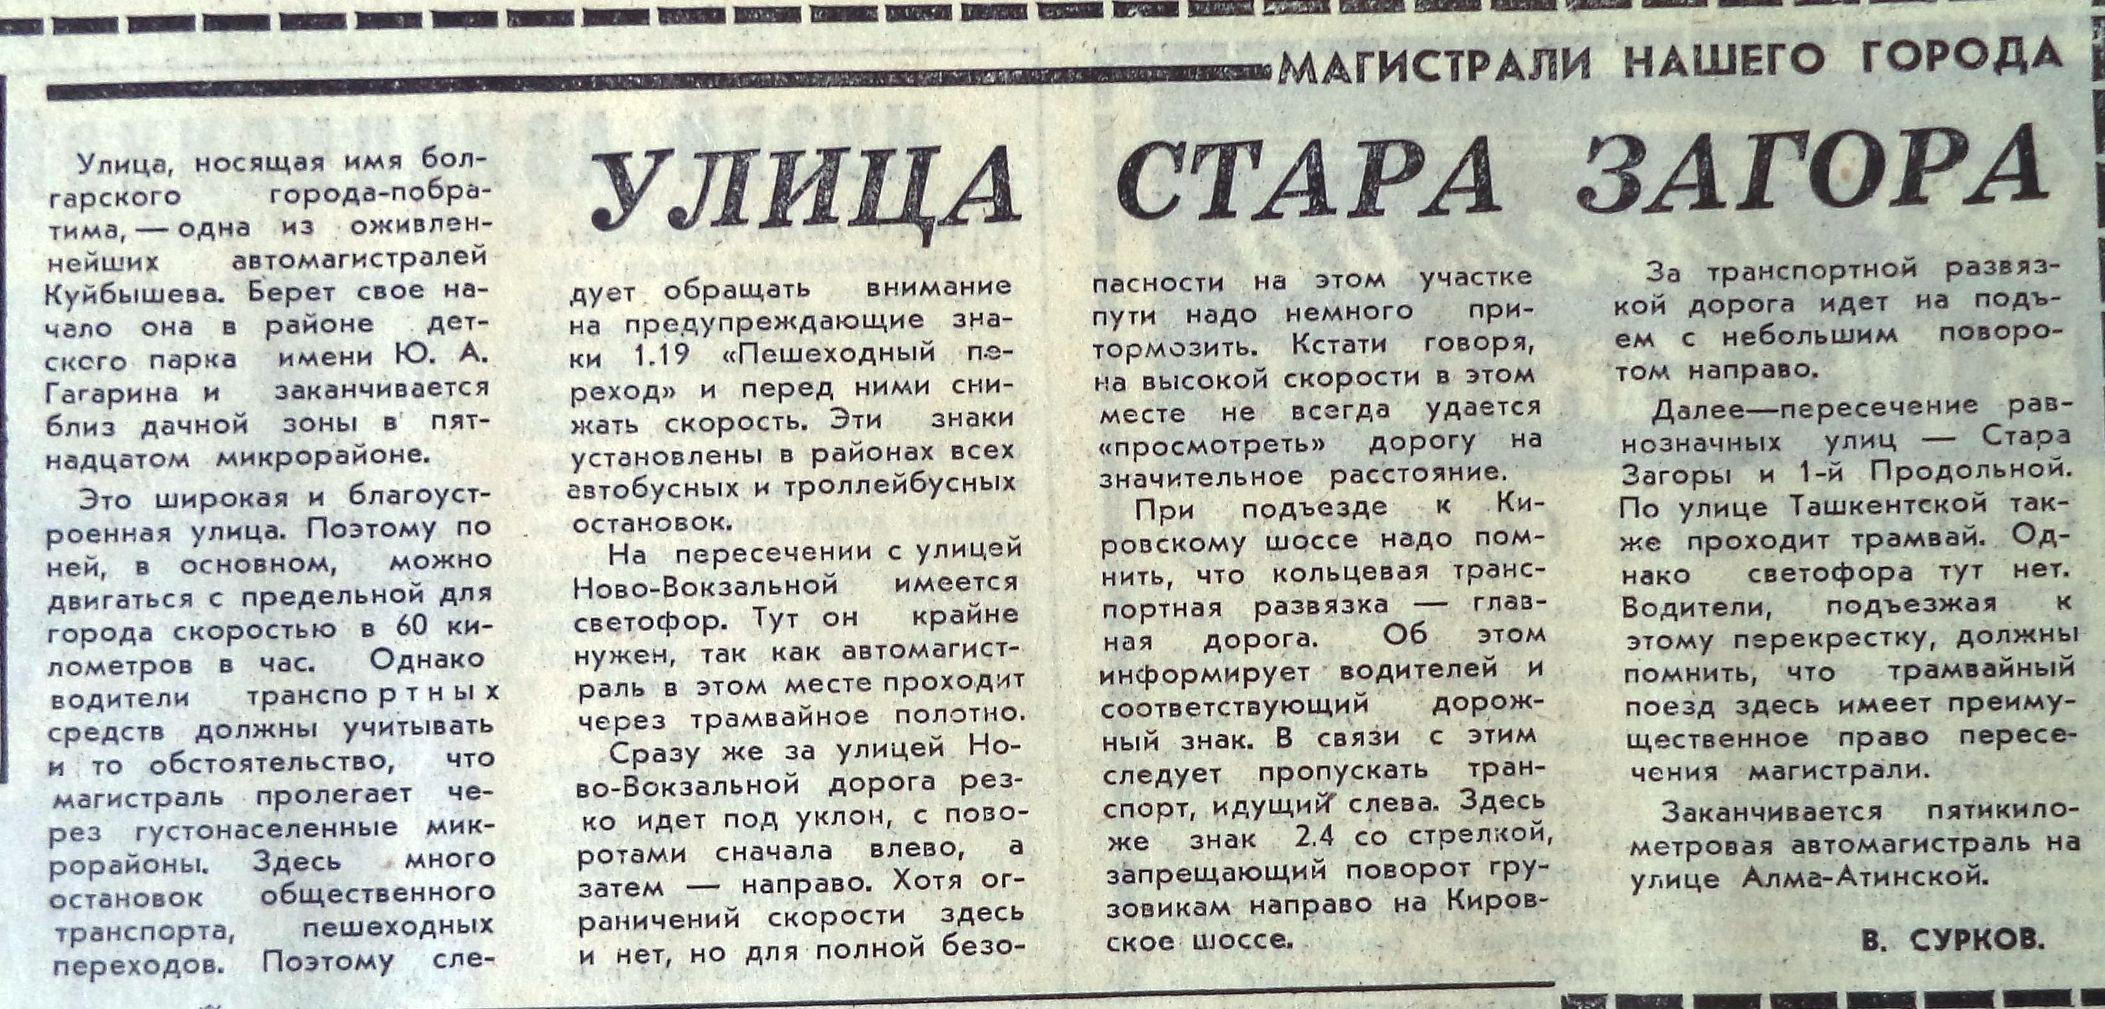 Стара Загора-ФОТО-144-ВЗя-1977-08-23-описание движения по СЗ-min